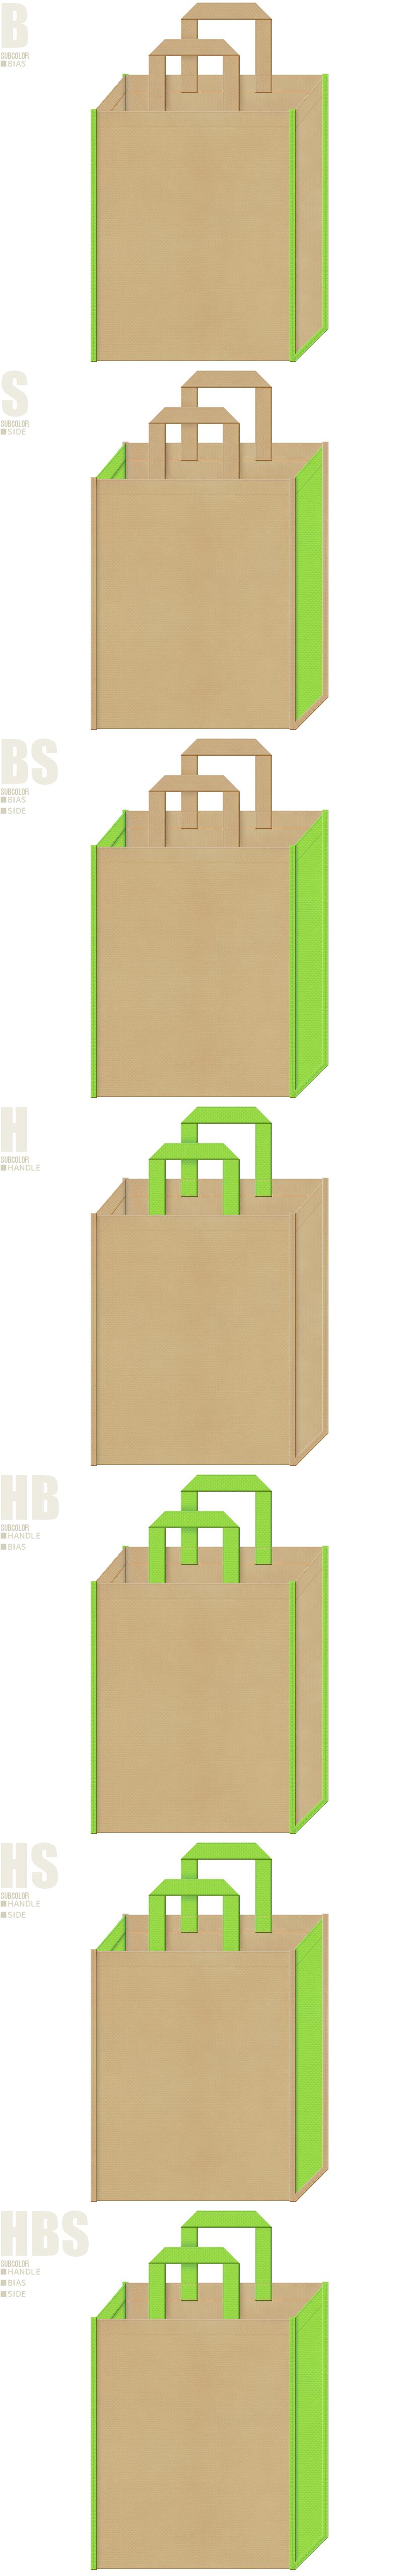 野菜・牧場・産直市場・園芸用品の展示会用バッグにお奨めの不織布バッグデザイン:カーキ色と黄緑色の配色7パターン。